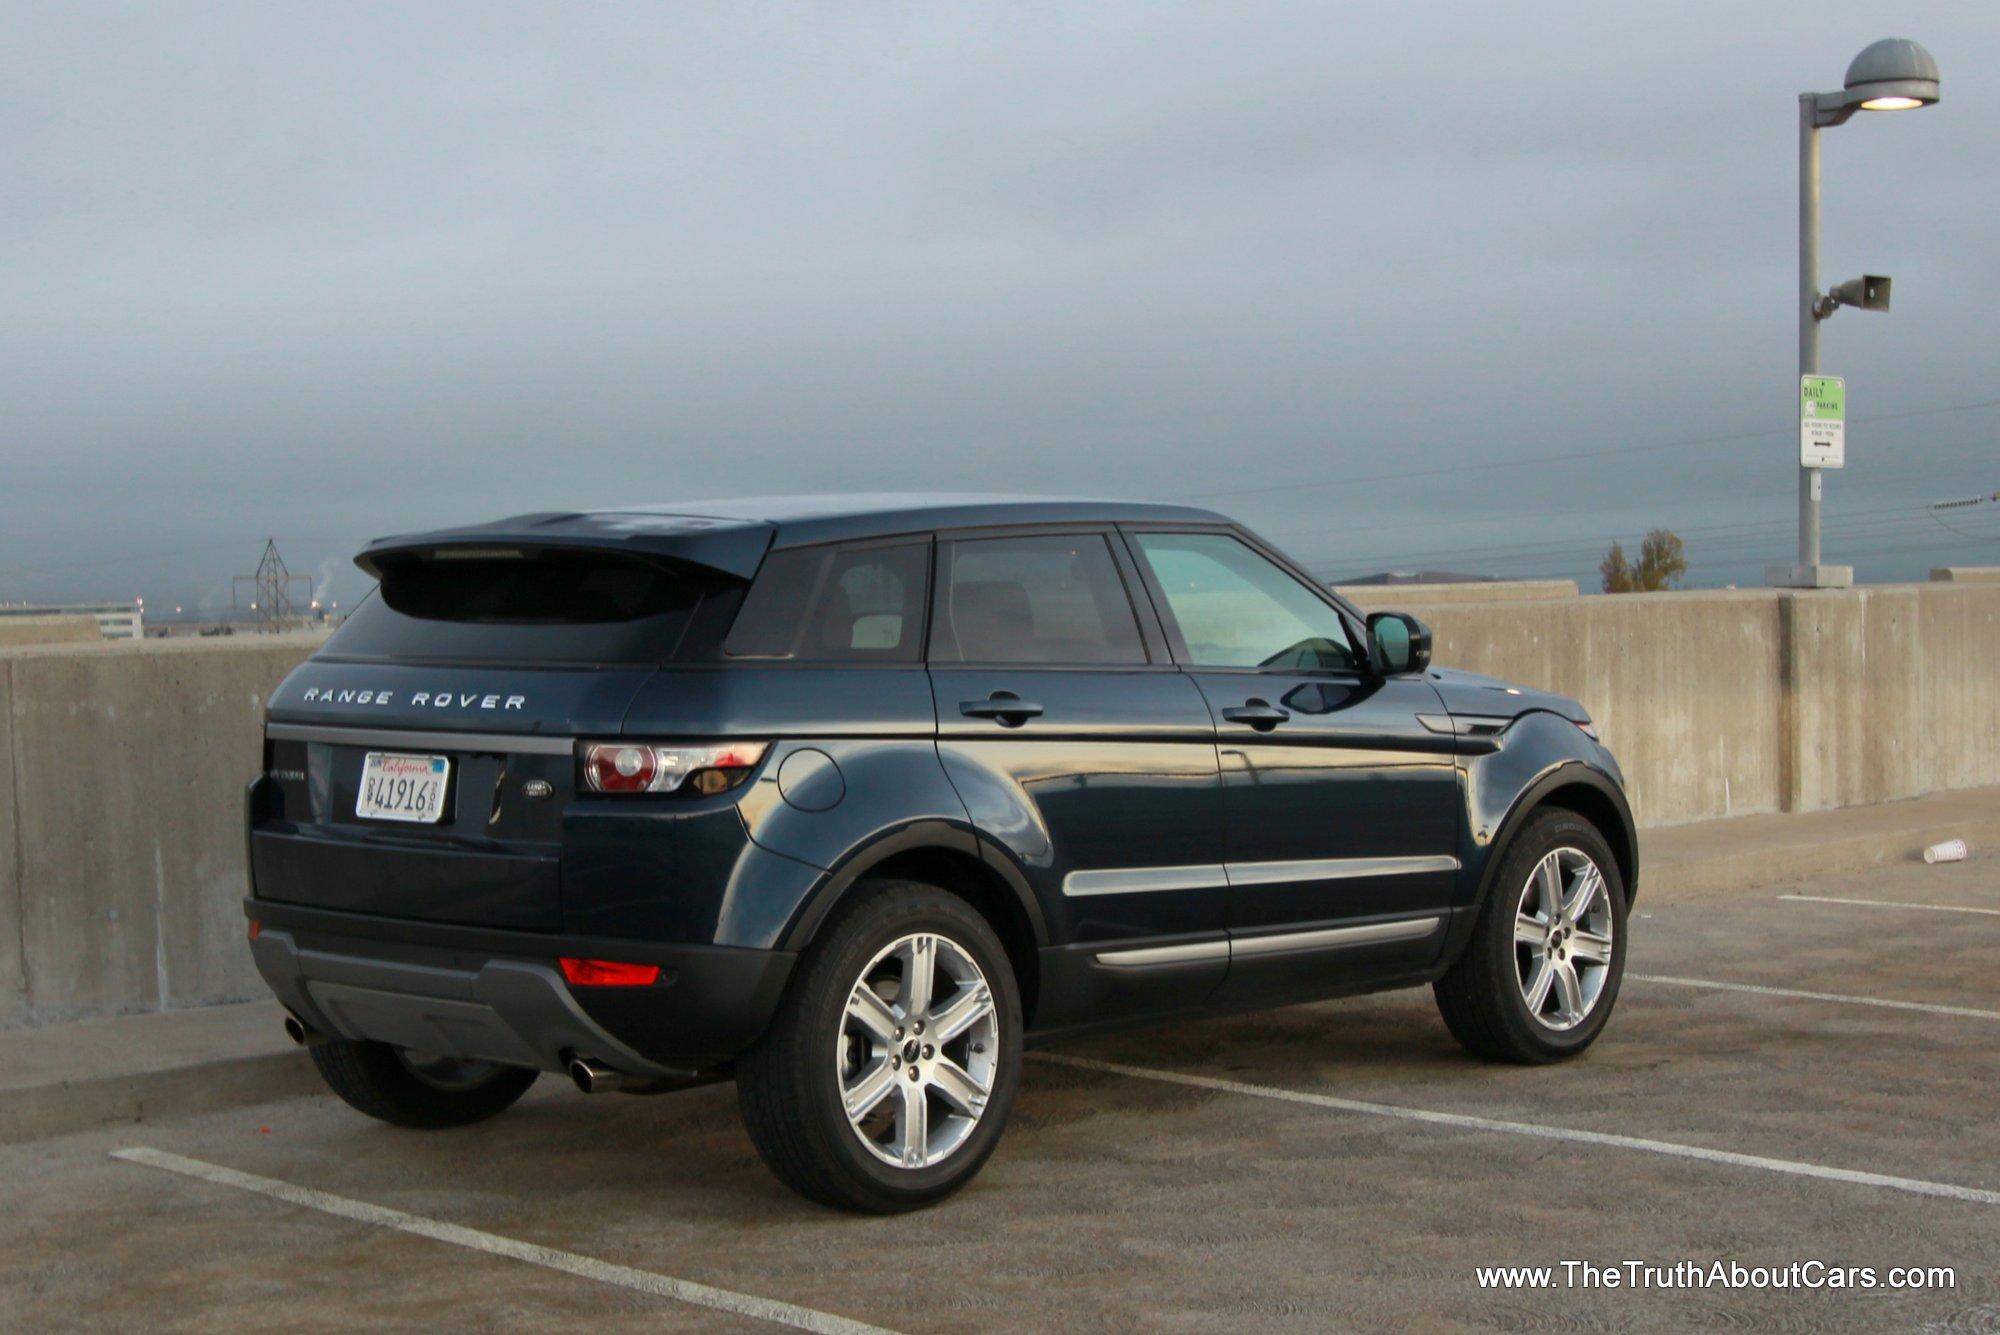 Land Rover Evogue >> 2013 LAND ROVER RANGE ROVER - Image #15